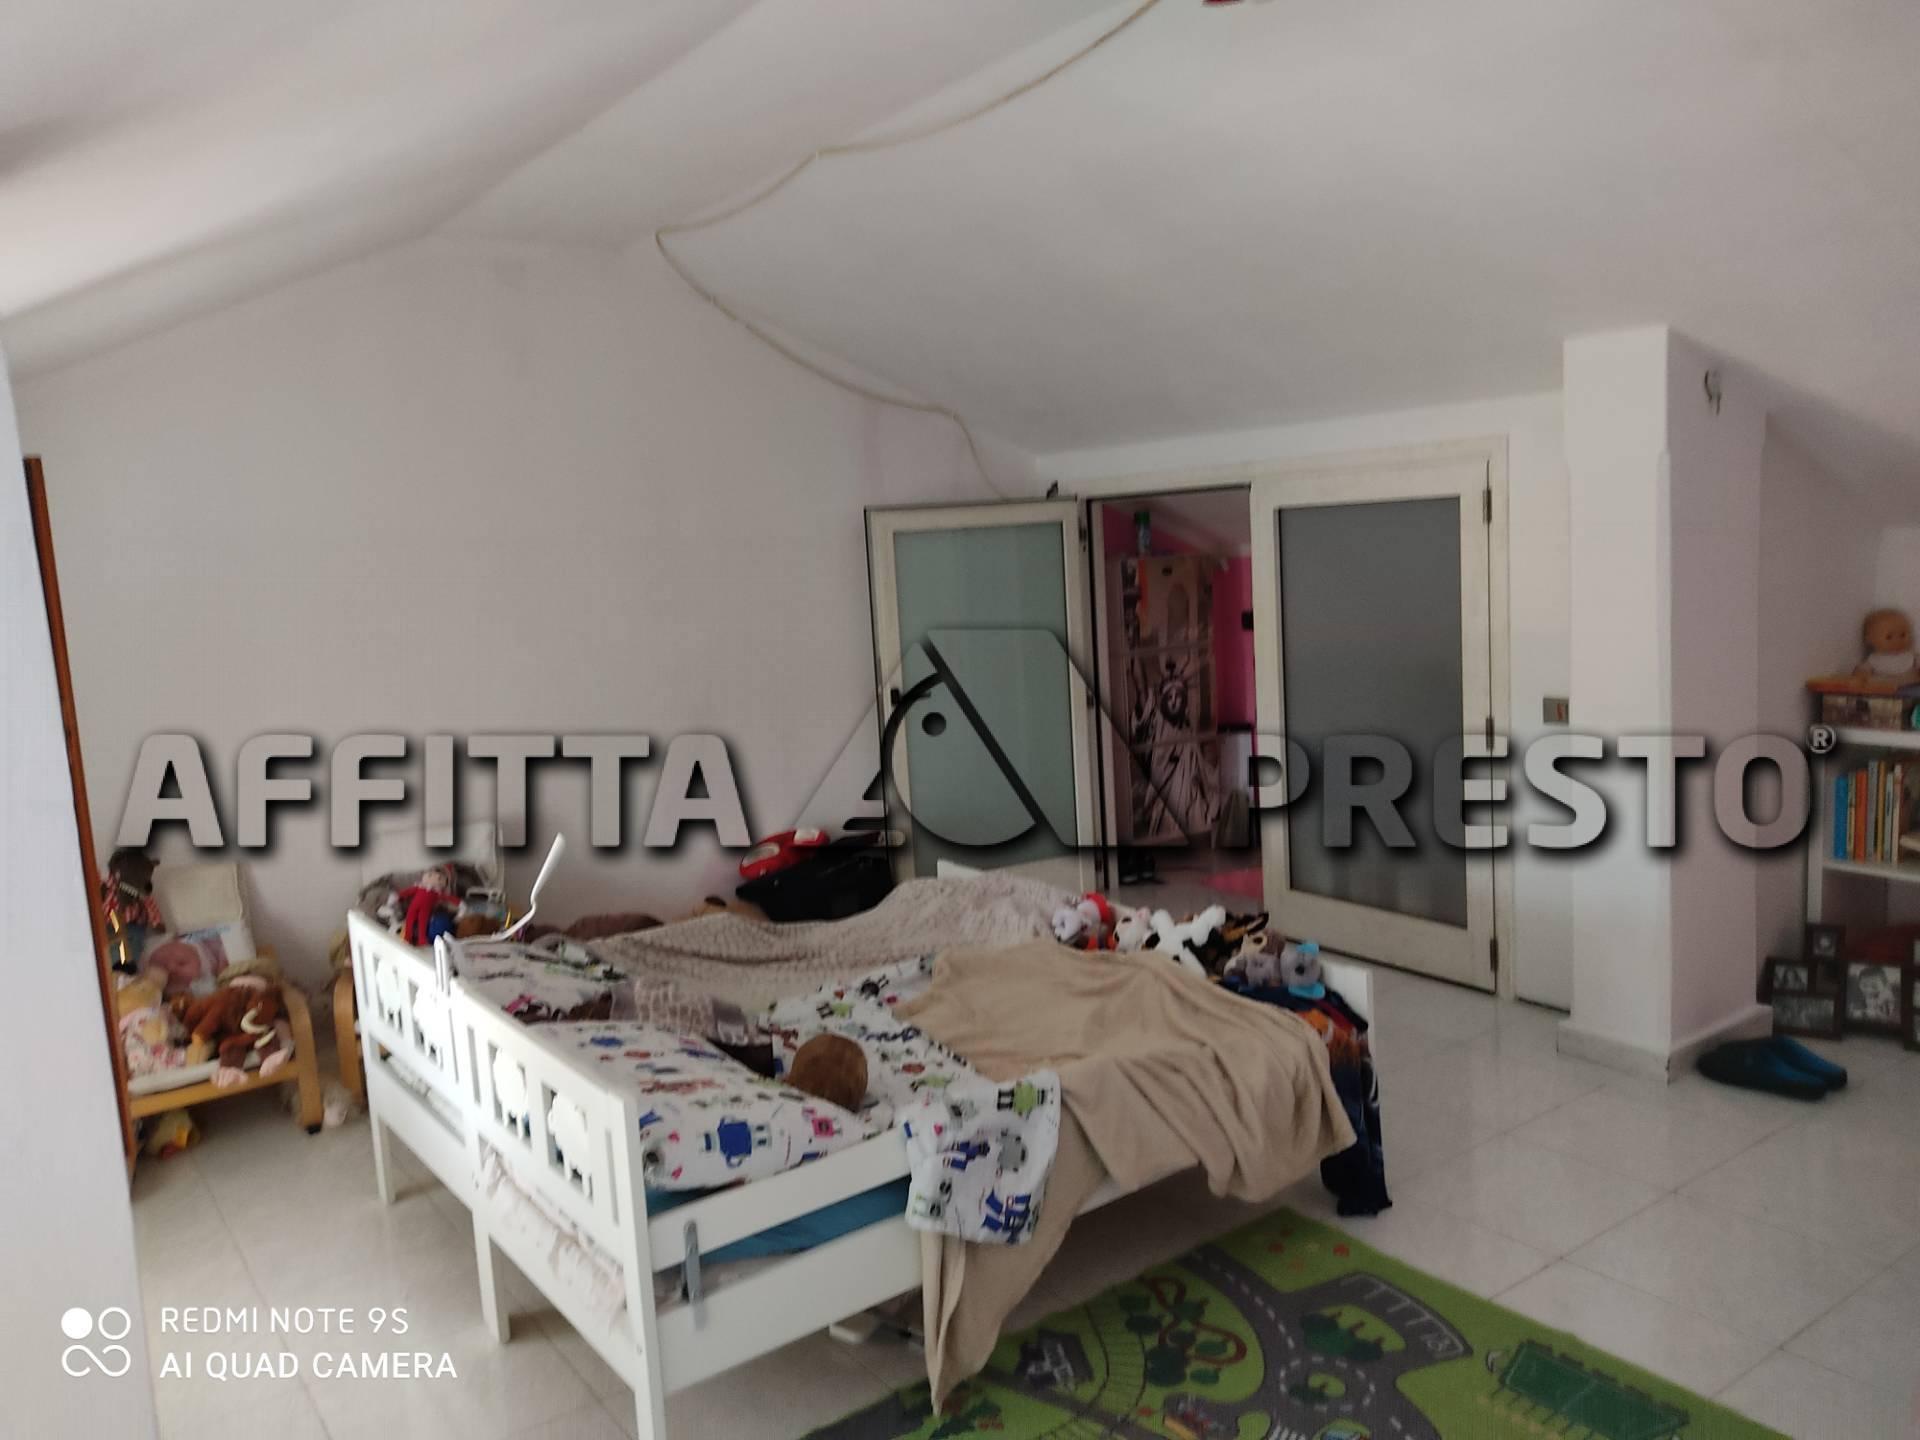 Appartamento in affitto a Collesalvetti, 4 locali, zona Località: Collesalvetti, prezzo € 900 | CambioCasa.it